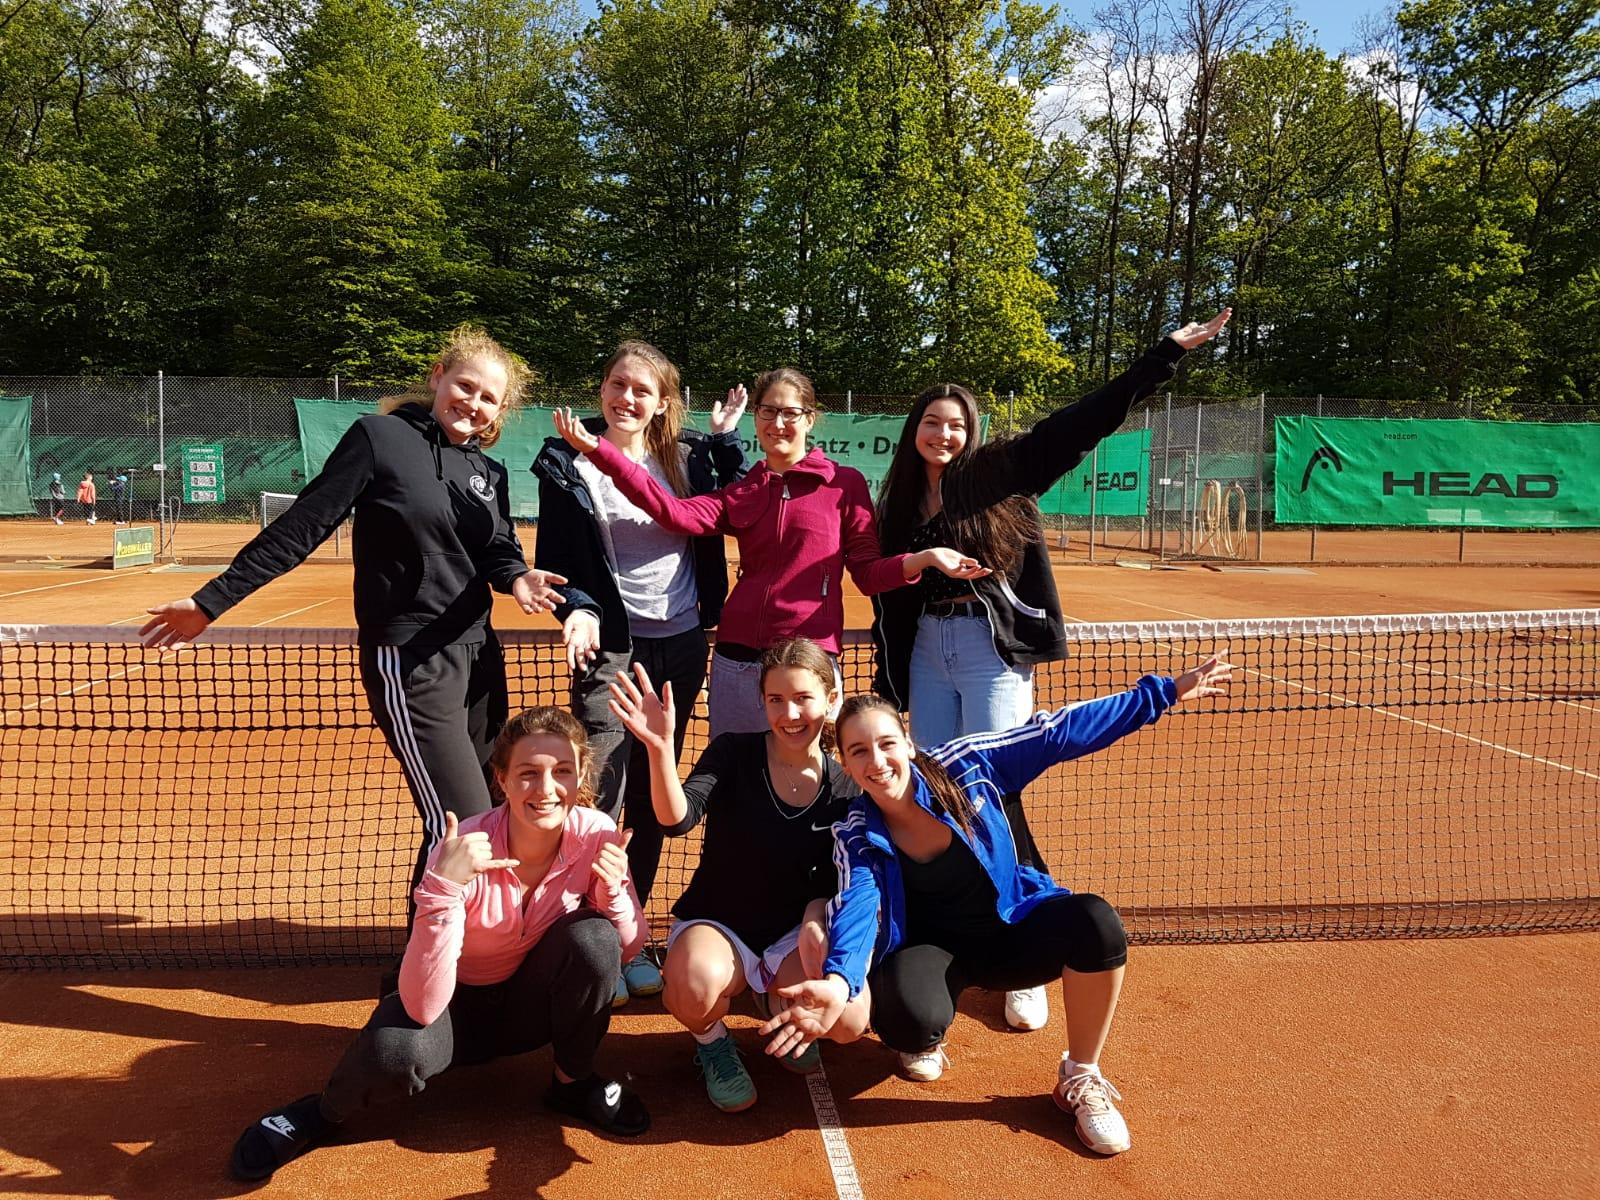 Neue Damenmannschaft erfolgreich in die Saison gestartet!